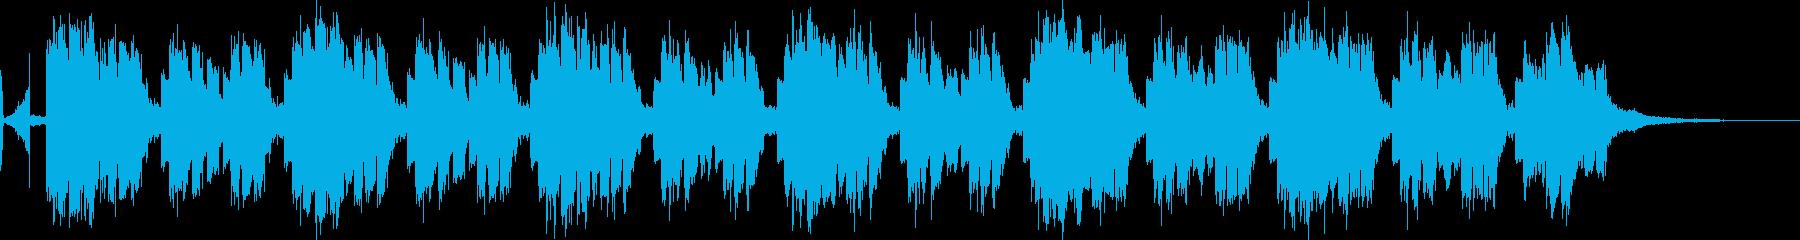 54秒 ビジネスシーン スマートなEDMの再生済みの波形